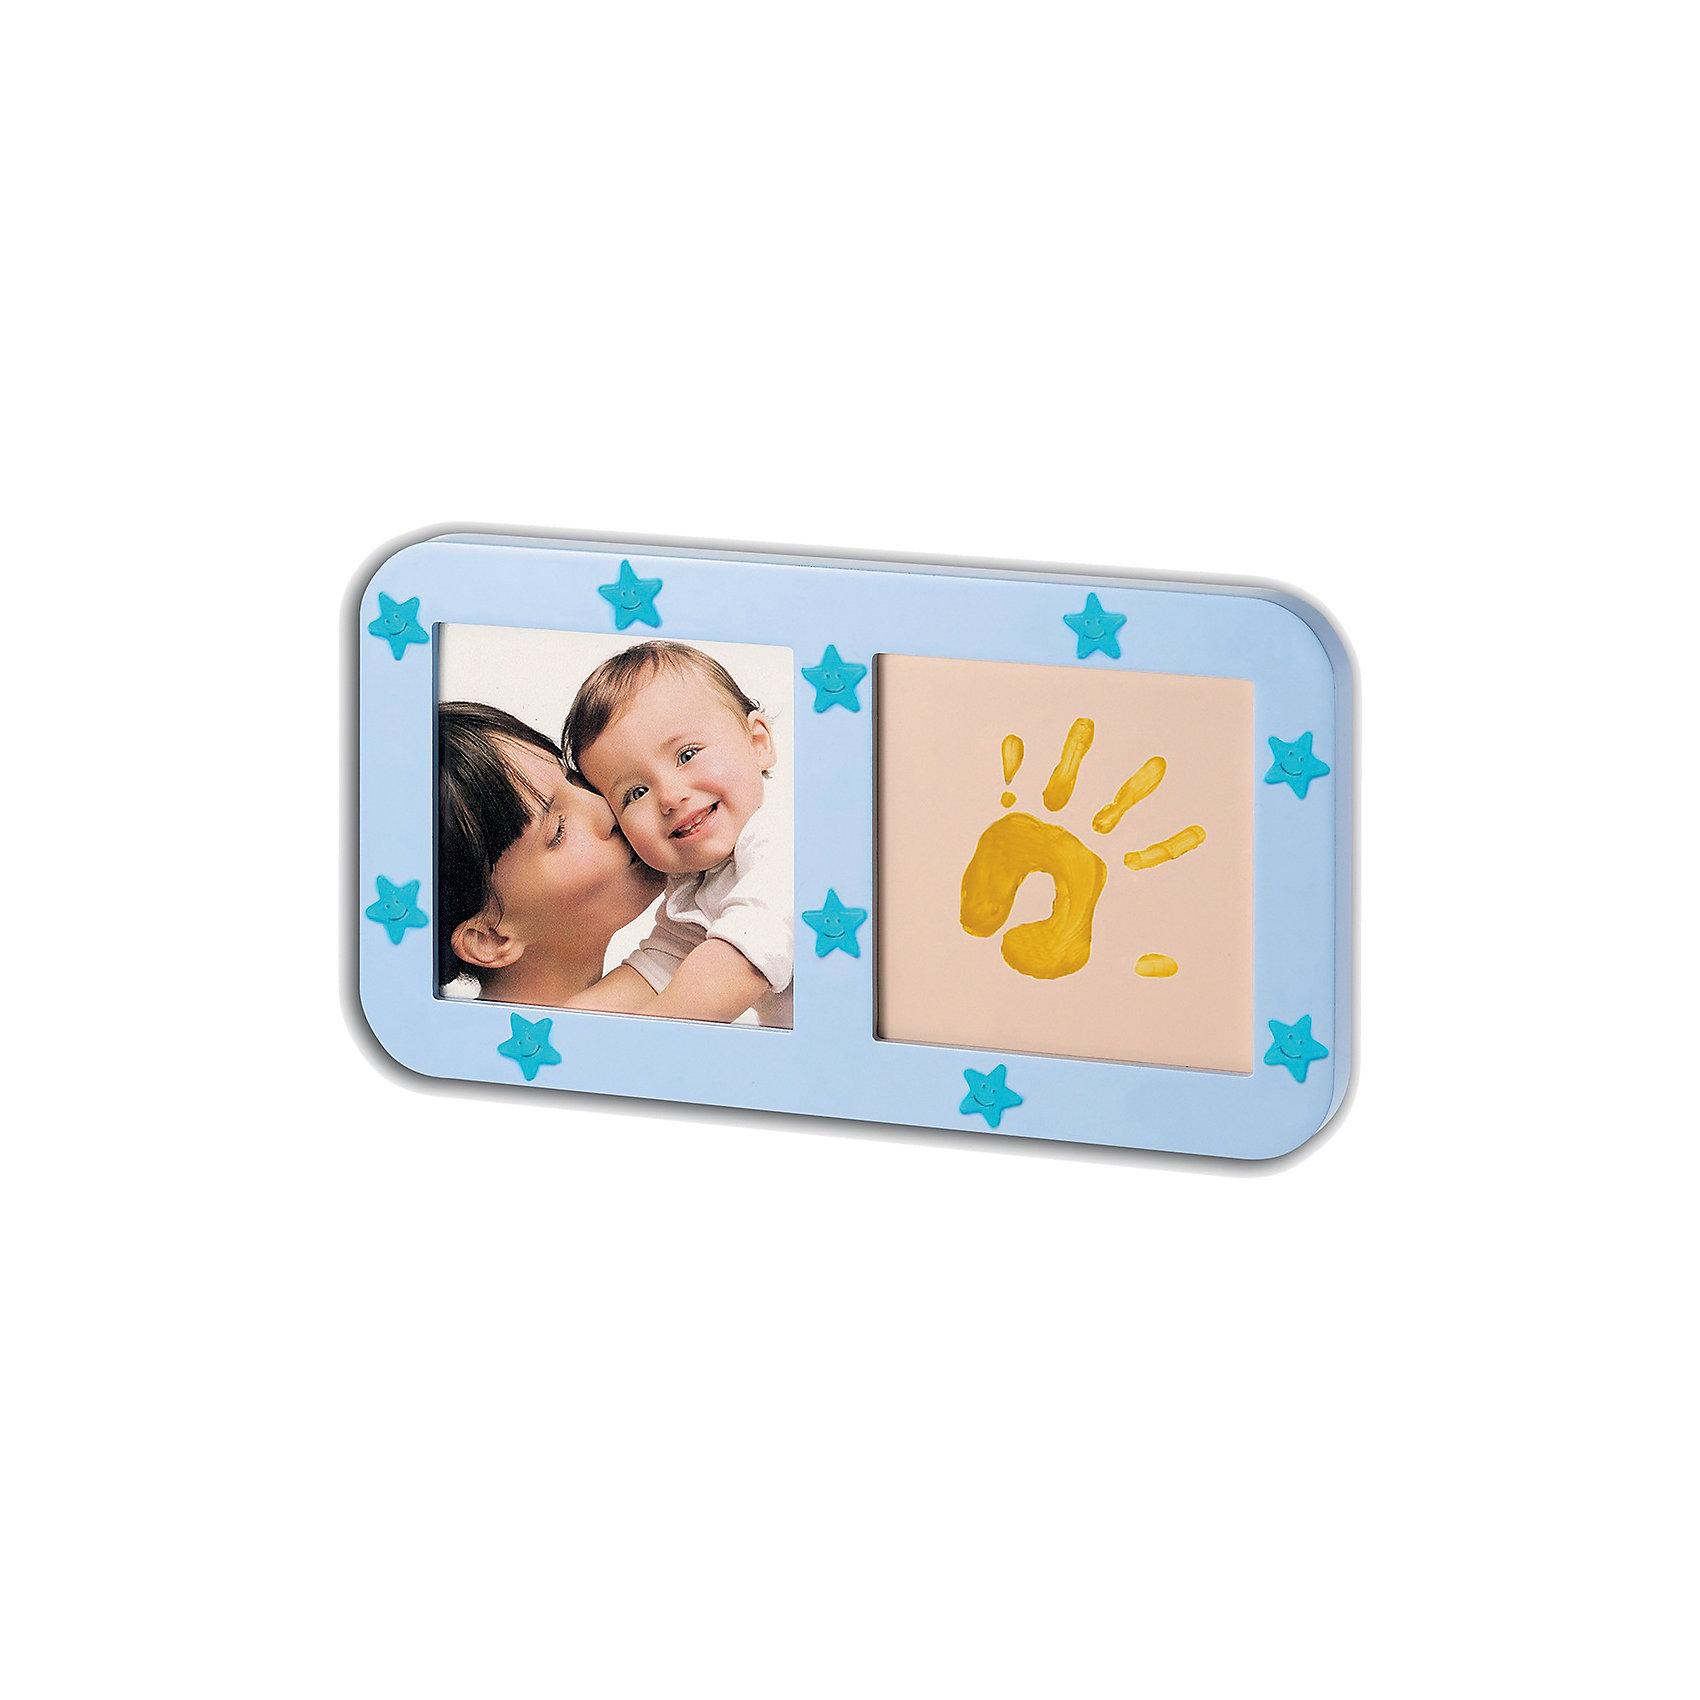 Звездная фоторамка с отпечатком, Baby ArtФоторамка с отпечатком «Phospho print frame» не только сохранит отпечаток маленькой ручки или ножки, но и создаст гармонию в спальне, излучая мерцающий блеск. Звездная фоторамка Baby Art (Бейби Арт) светится в темноте. Наклейки-звездочки украшают фоторамку.<br><br><br>Процесс создания отпечатка:<br>• из тюбика жидкая основа наносится на ладошку малыша, на каждый пальчик;<br>• специальным роллером основа распределяется по всей поверхности ладошки или стопы ребенка;<br>• ставится отпечаток на специальной подложке;<br>• готовый отпечаток оставляют на свежем воздухе для сушки;<br>• фоторамку украшают мерцающими наклейками в форме звездочек;<br>• в рамку вставляется фотография малыша.<br>Комплектация набора:<br>• фоторамка с подложкой и окошком для фотографии;<br>• жидкая основа в тюбике;<br>• роллер;<br>• наклейки-звездочки;<br>• инструкция. <br>Звездную фоторамку с отпечатком, Baby Art можно купить в нашем интернет-магазине.<br><br>Ширина мм: 325<br>Глубина мм: 30<br>Высота мм: 180<br>Вес г: 640<br>Возраст от месяцев: 0<br>Возраст до месяцев: 84<br>Пол: Унисекс<br>Возраст: Детский<br>SKU: 4986119